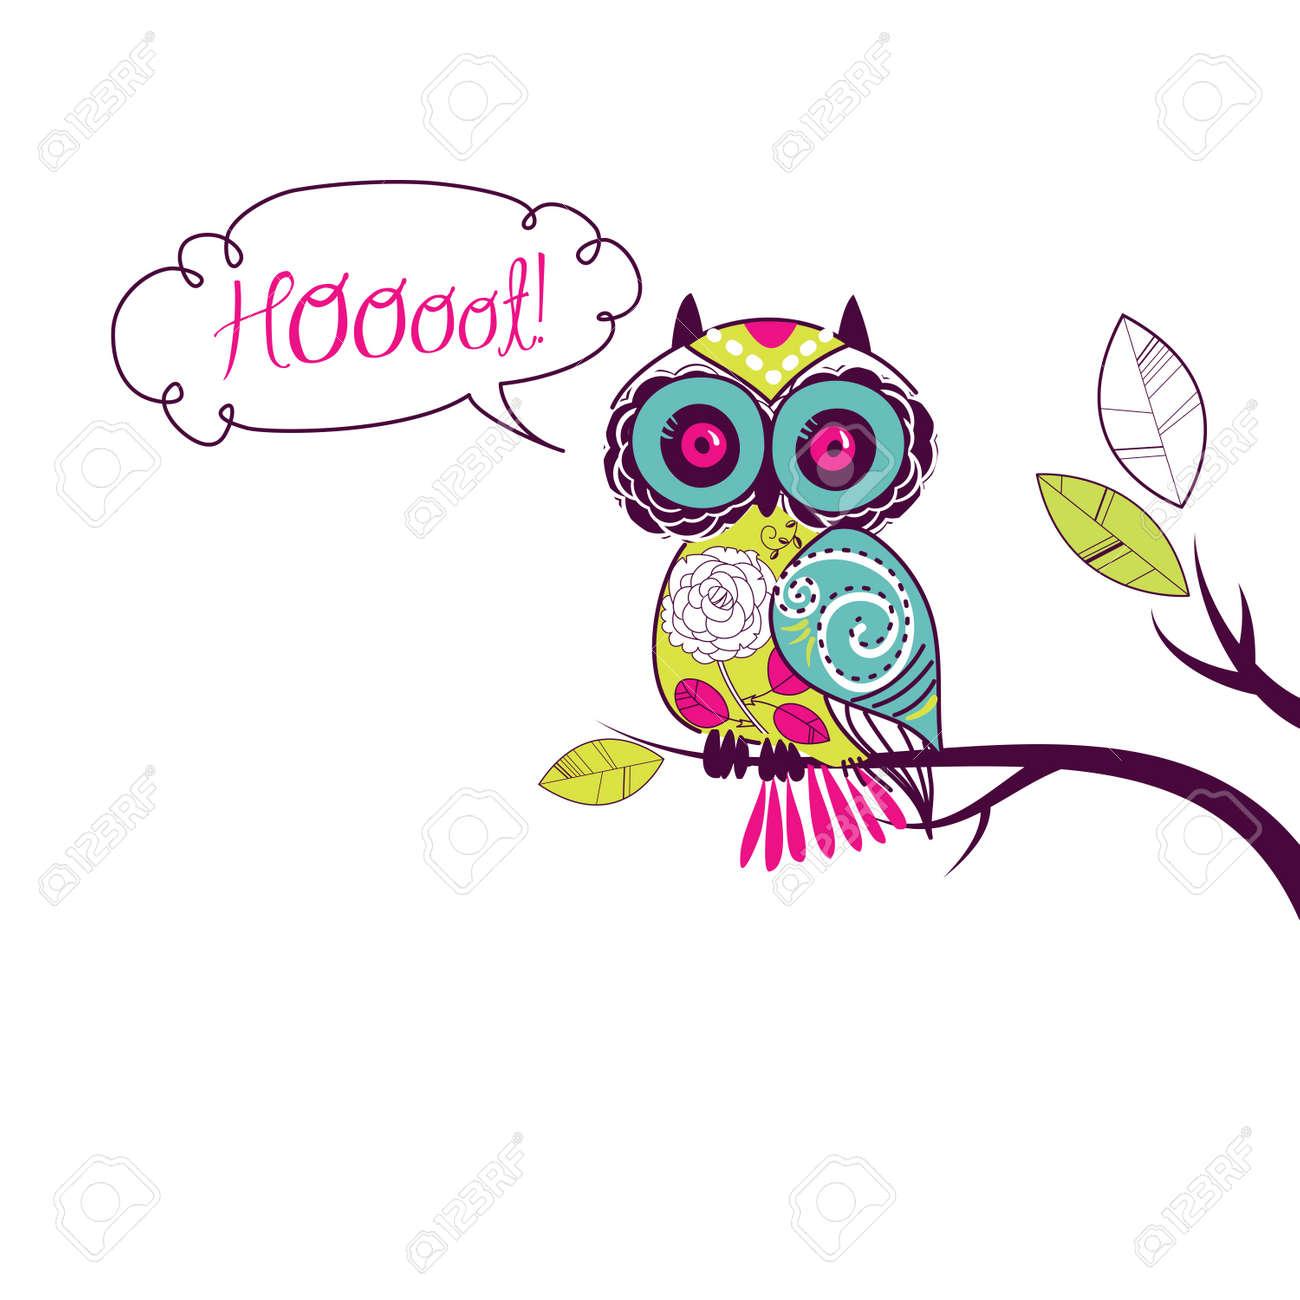 Cute Owl   Hoooot  card Stock Vector - 13339734